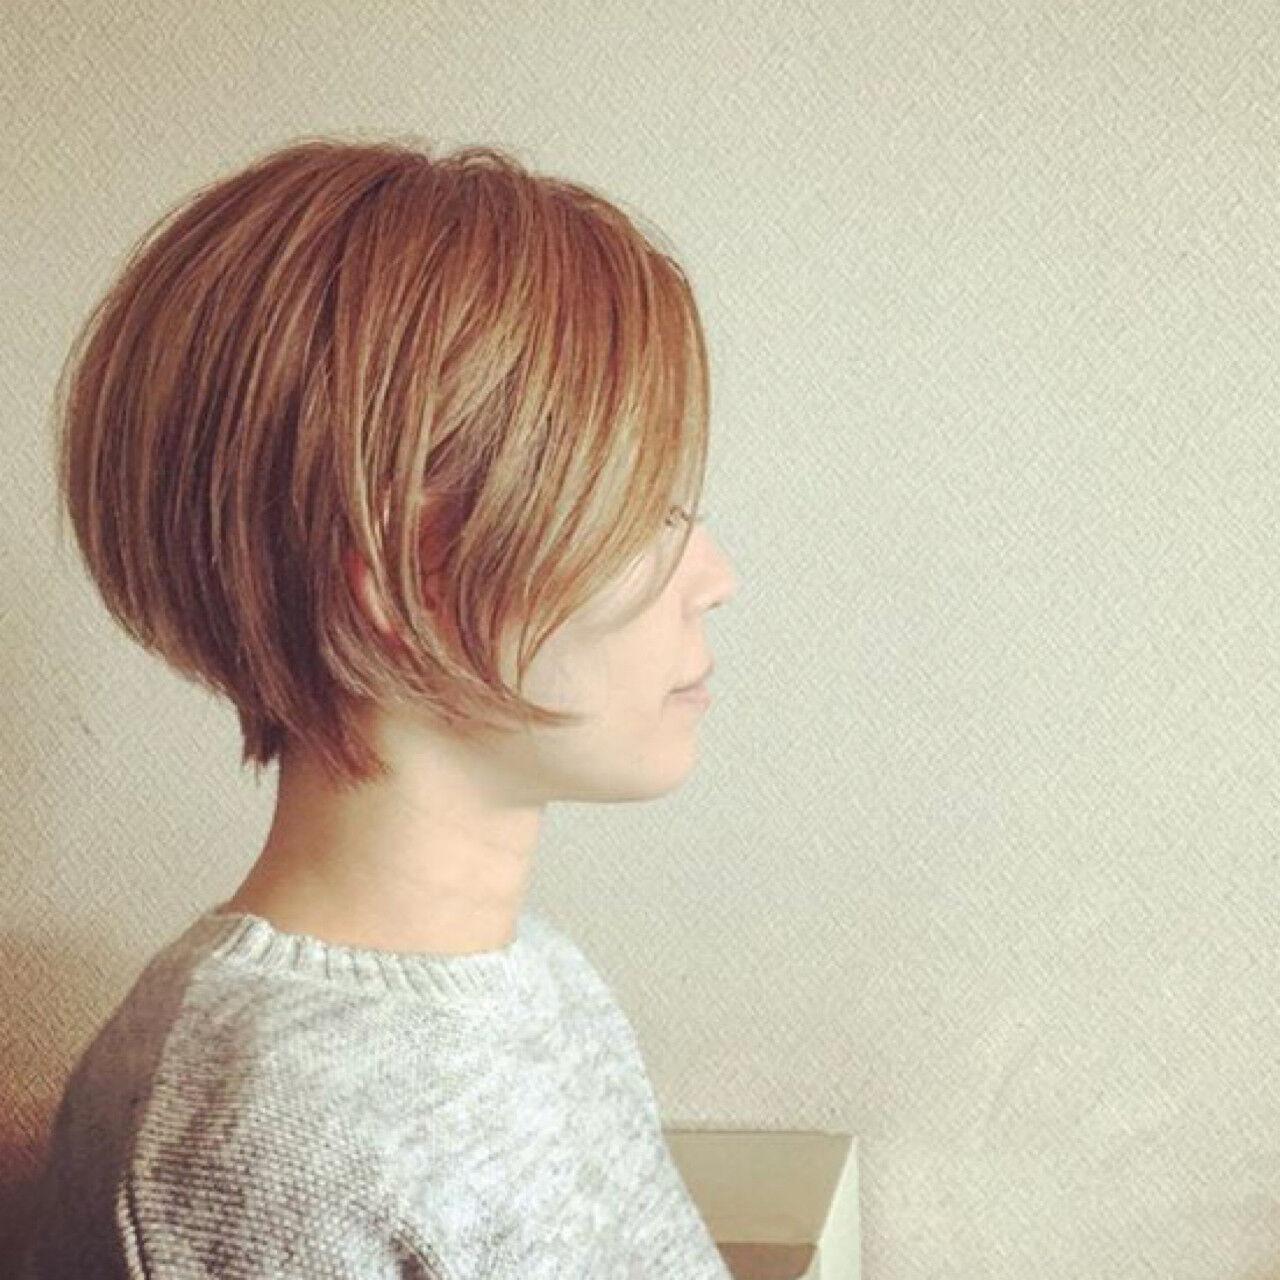 ハイライト 外国人風カラー 外国人風 ブリーチヘアスタイルや髪型の写真・画像